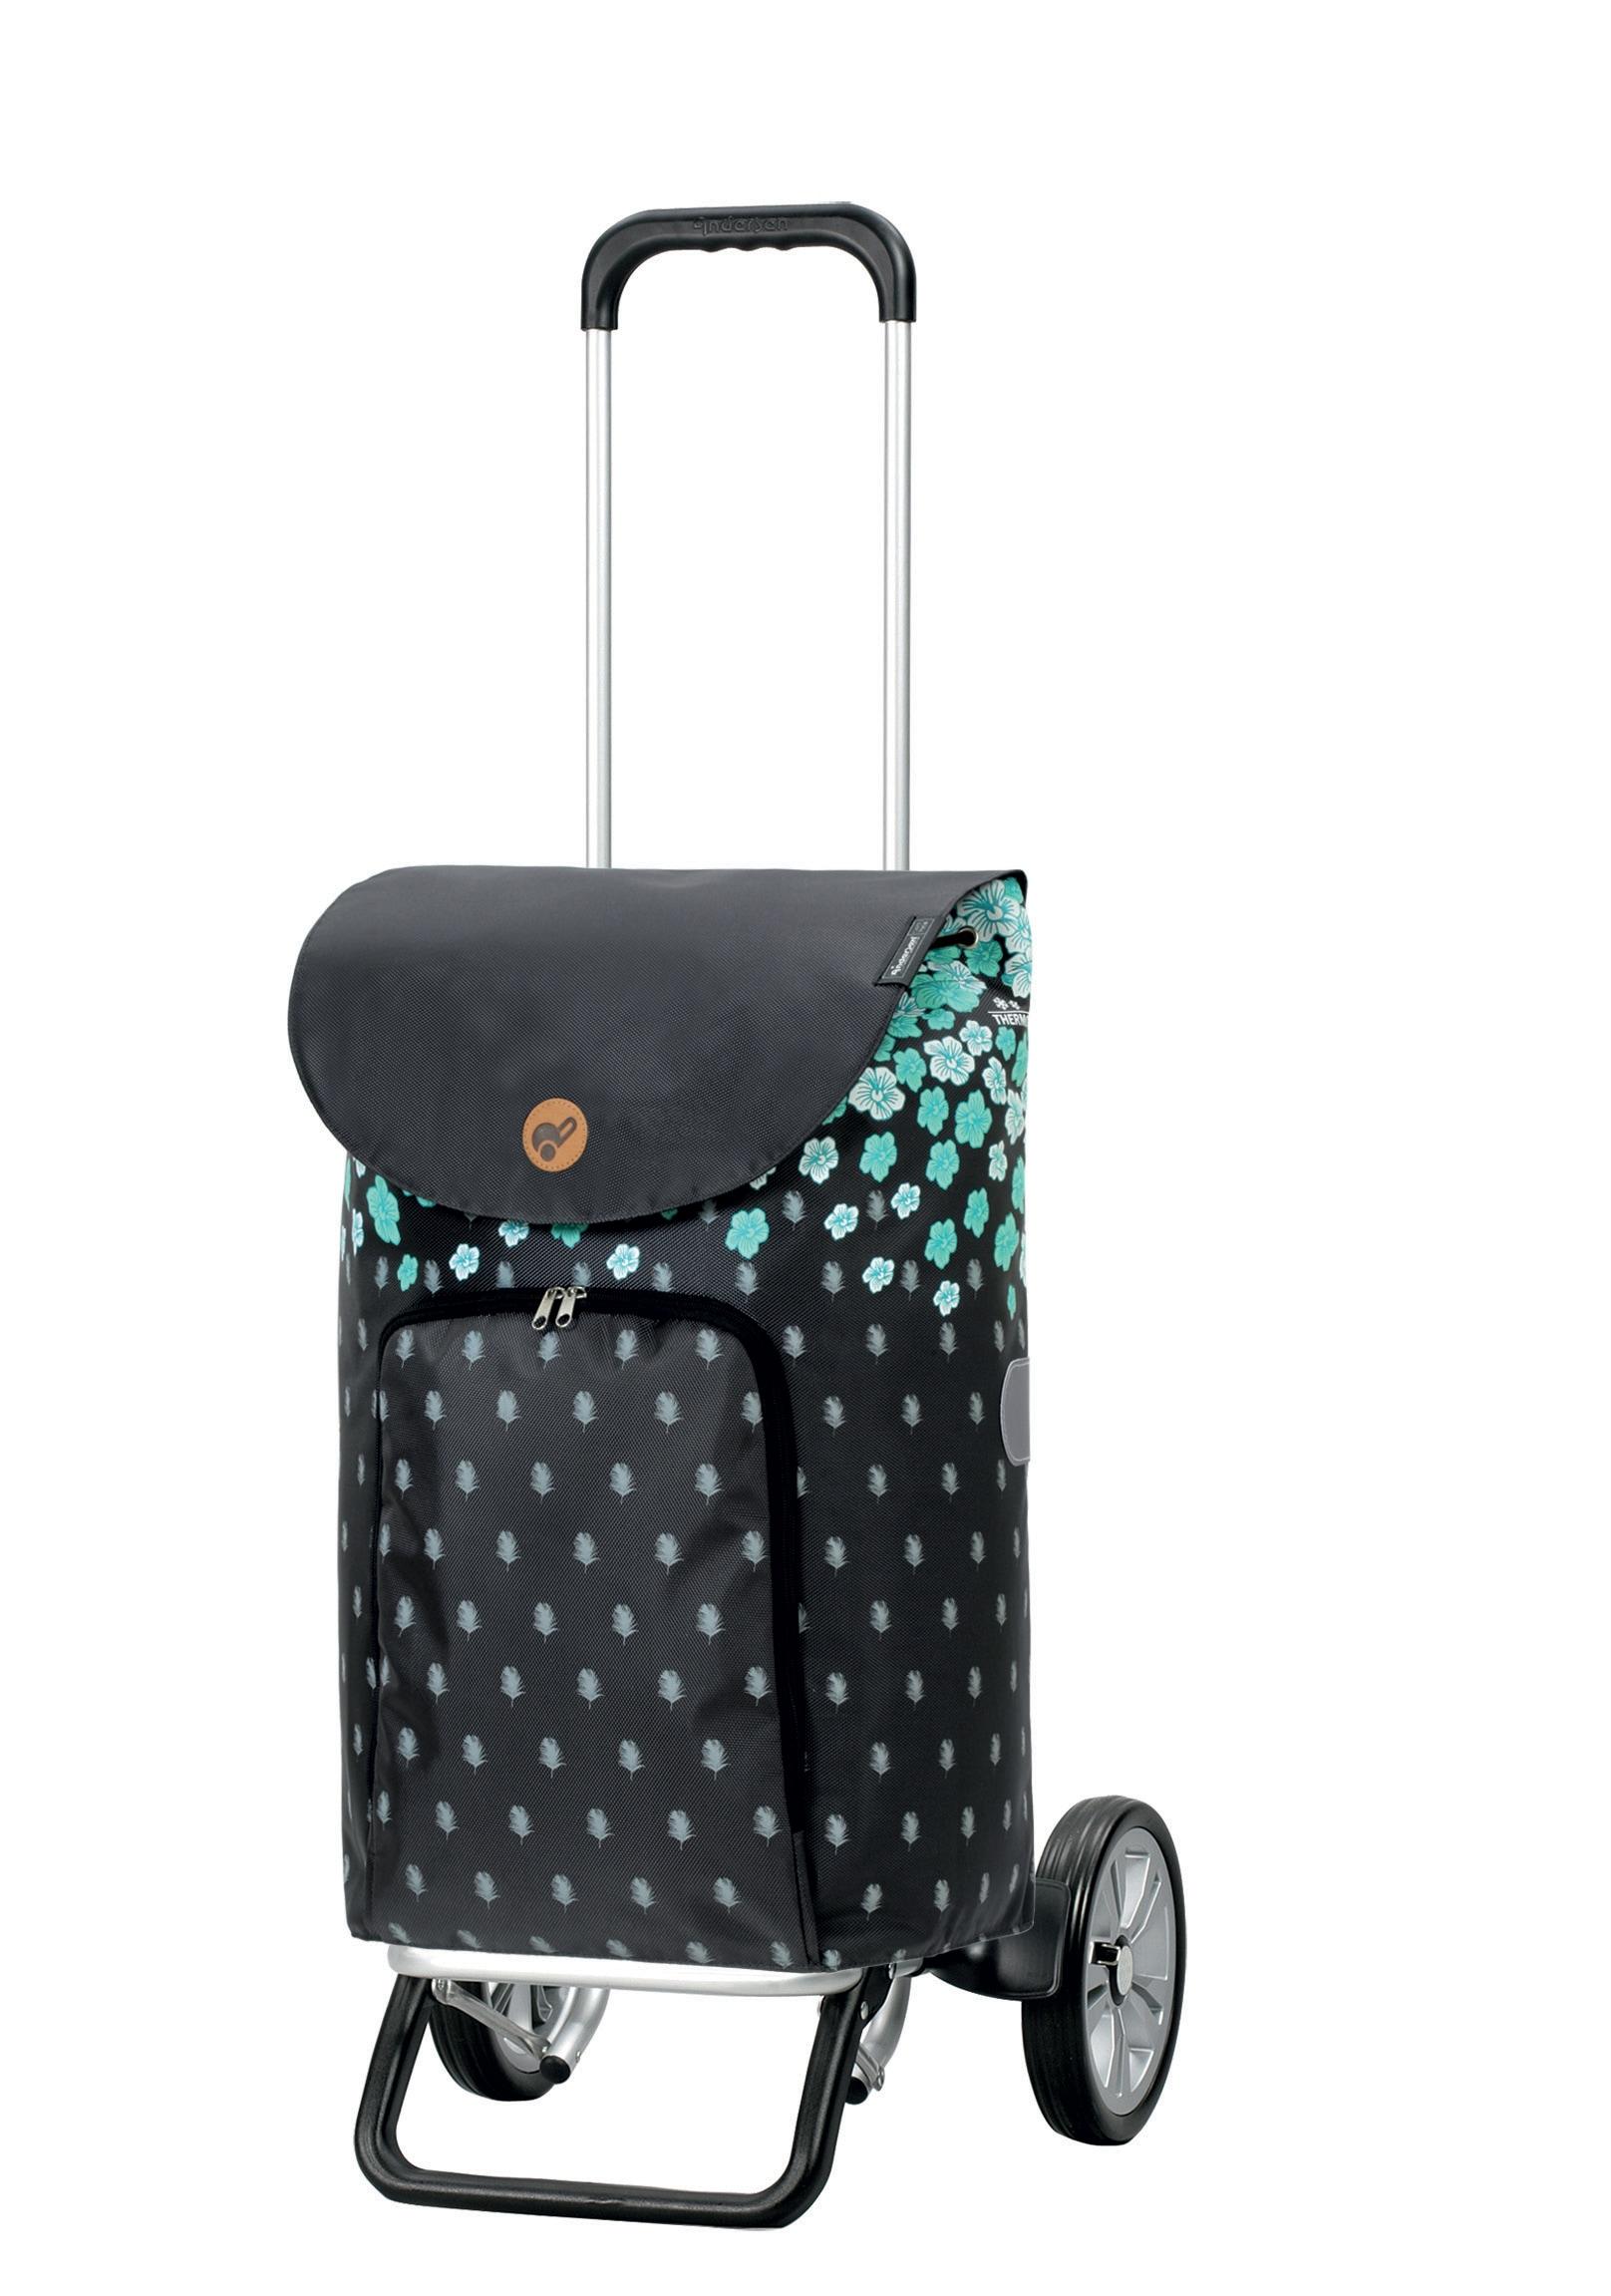 Andersen Einkaufstrolley Alu Star Shopper Liliy, MADE IN GERMANY, 41 Liter | Taschen > Handtaschen > Einkaufstasche | Andersen